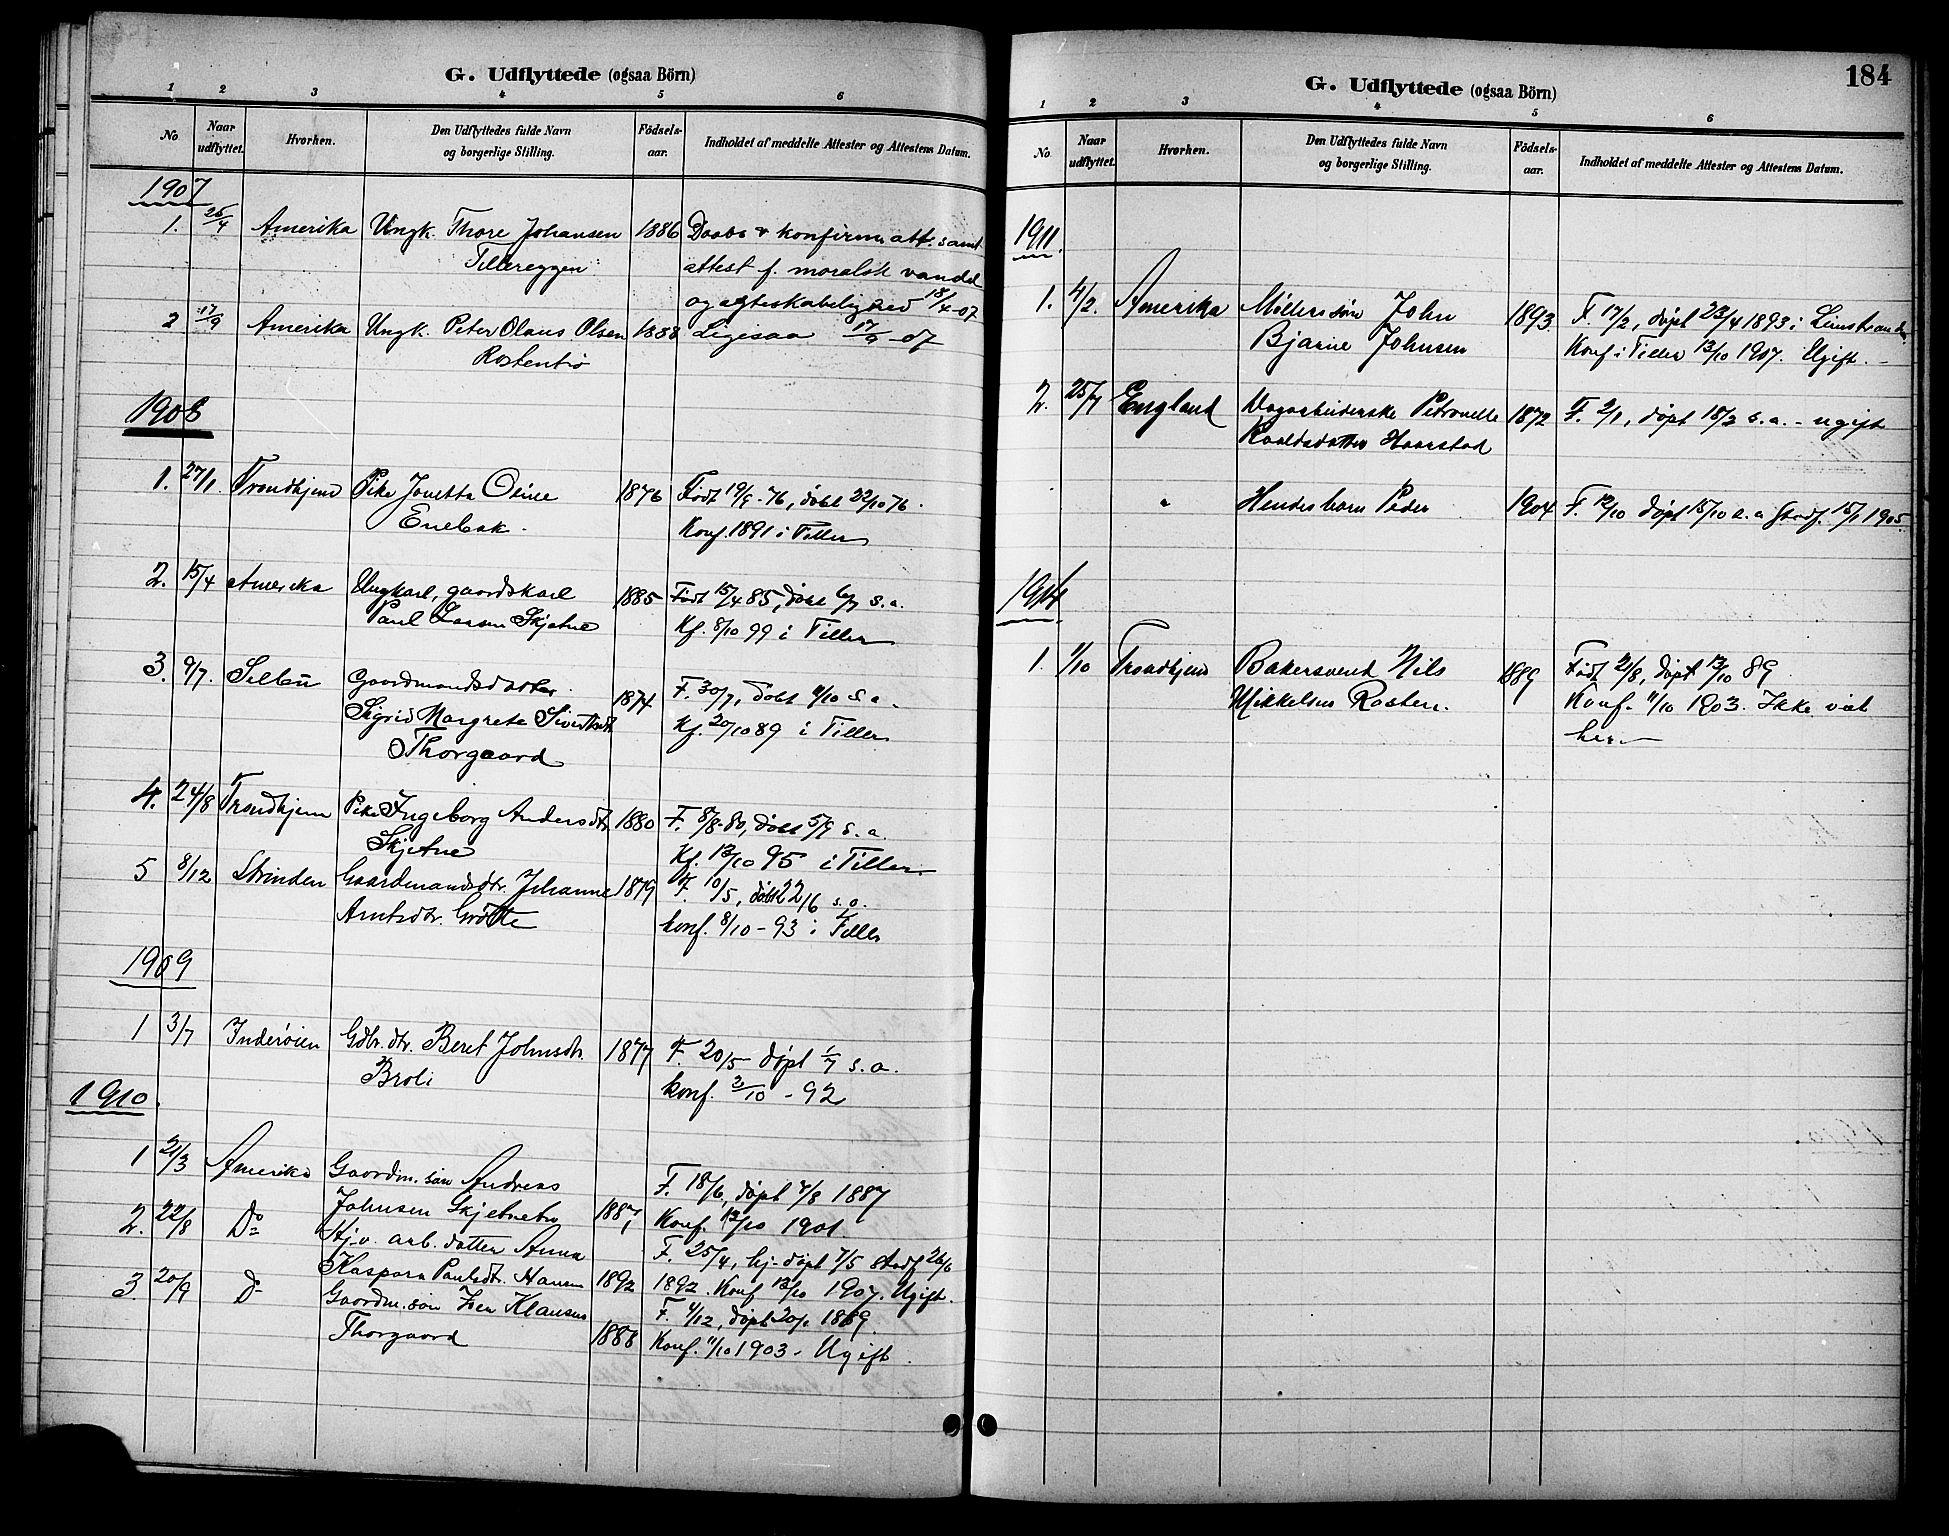 SAT, Ministerialprotokoller, klokkerbøker og fødselsregistre - Sør-Trøndelag, 621/L0460: Klokkerbok nr. 621C03, 1896-1914, s. 184